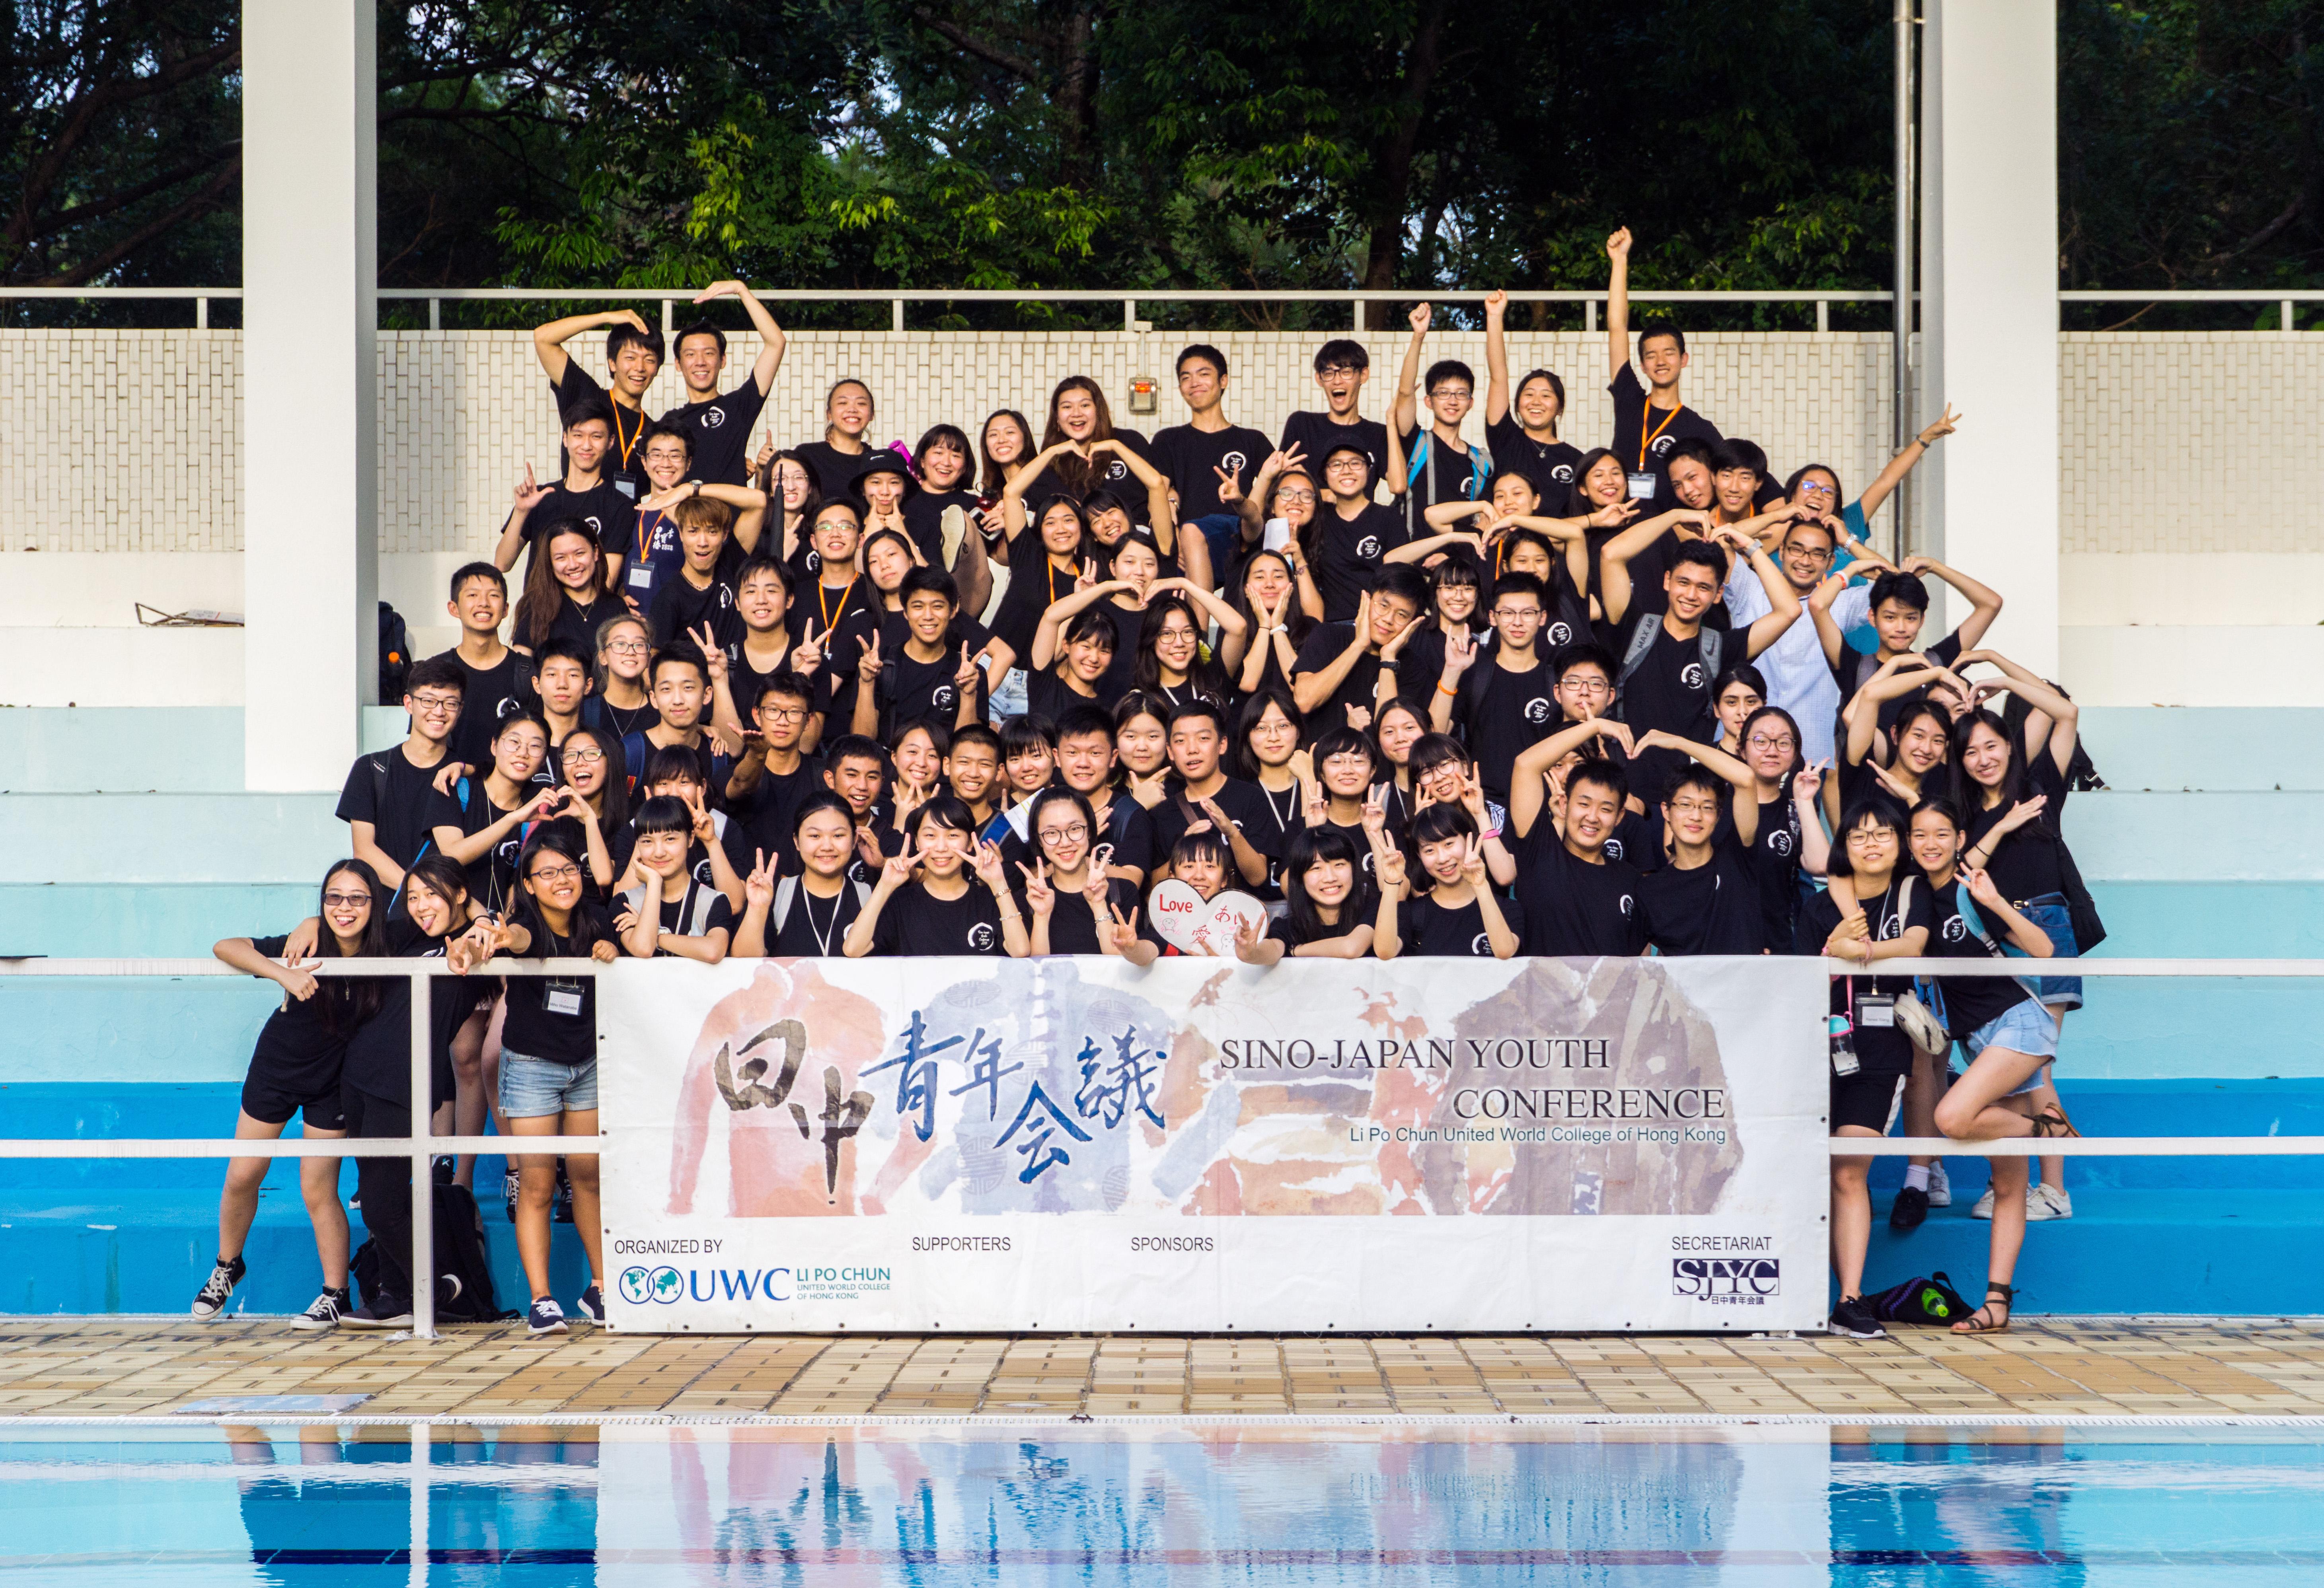 日中青年会議報告会